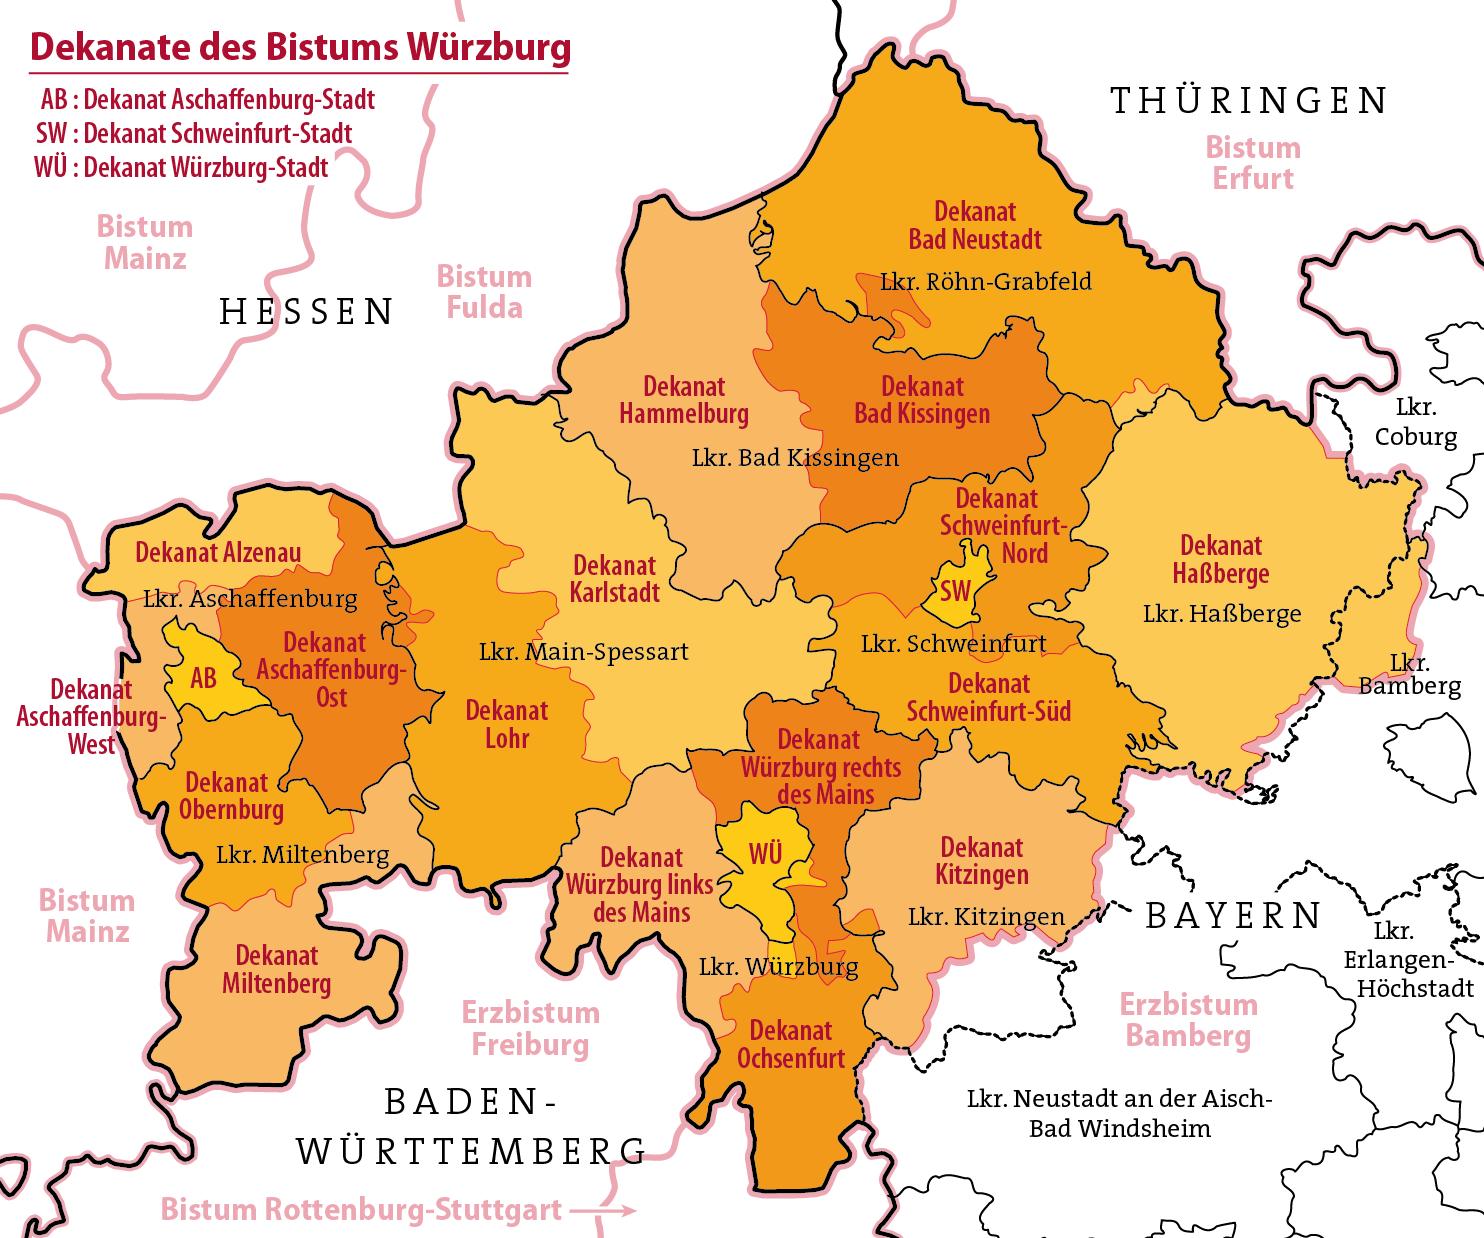 würzburg karte Datei:Karte Dekanate des Bistums Würzburg.png – Wikipedia würzburg karte